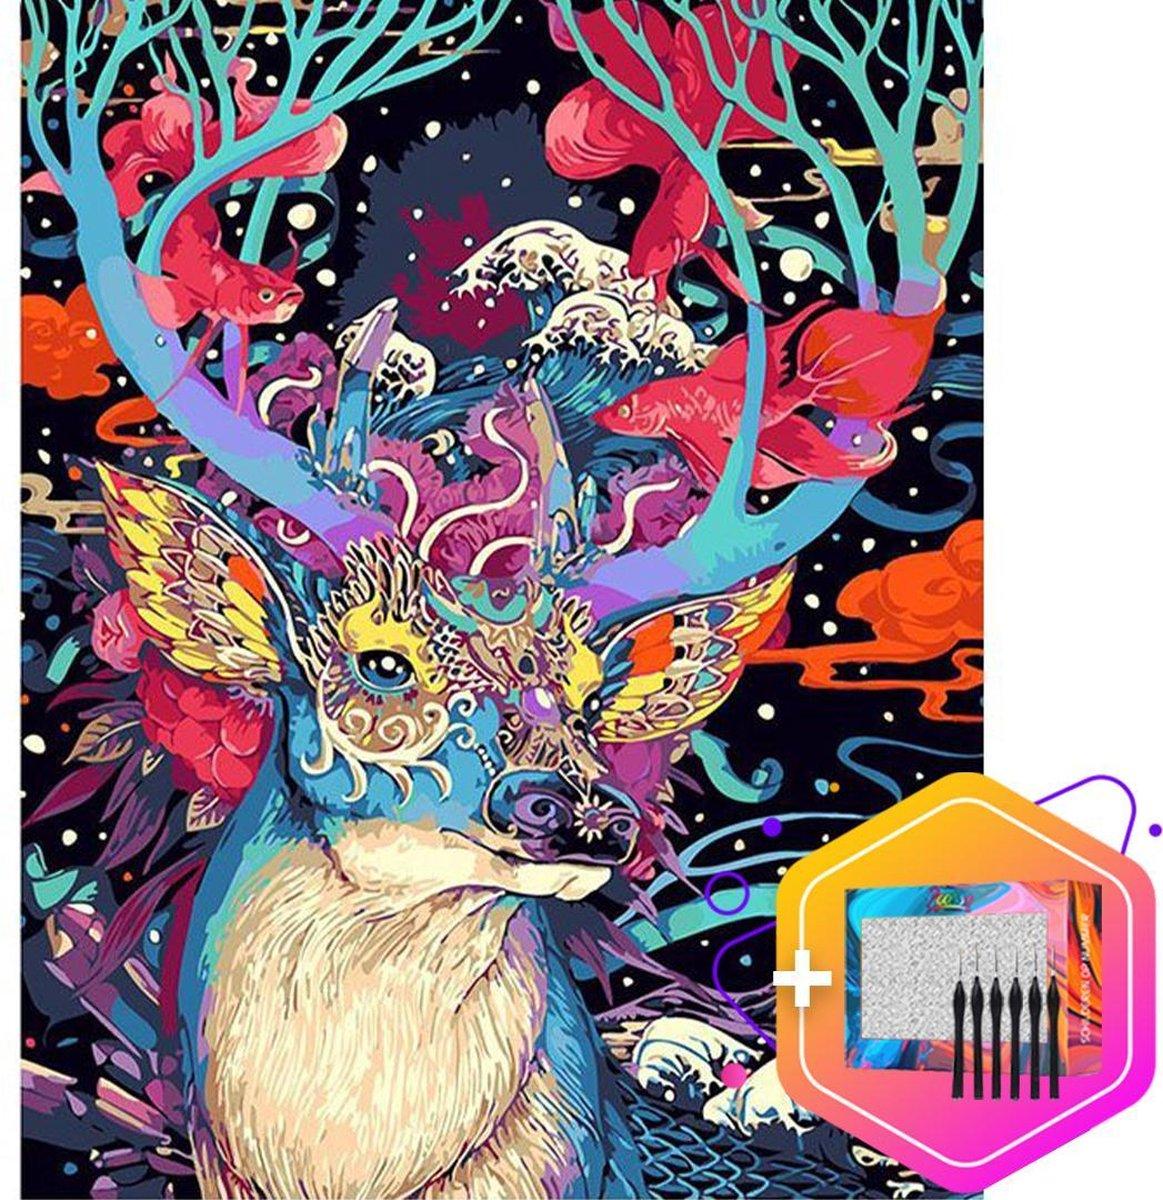 Pcasso ® Hert Colorful - Schilderen Op Nummer - Incl. 6 Ergonomische Penselen & Geschenkverpakking - Schilderen Op Nummer Volwassenen - Schilderen Op Nummer Dieren - Kleuren Op Nummer - 40x50 cm - Professionele 26-Delige Set